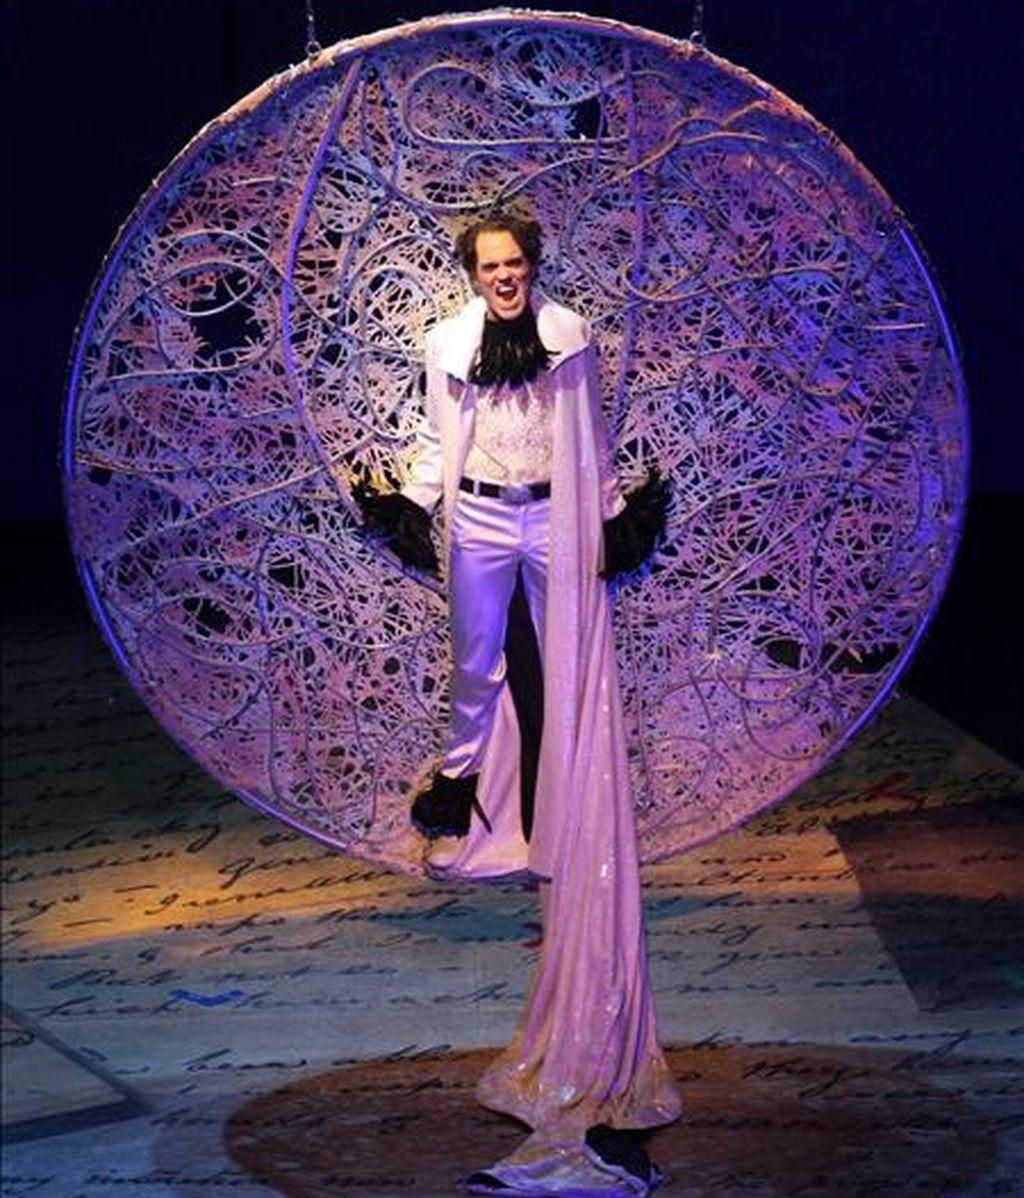 El actor Bjorn Christian Kuhn en el papel de 'Edgar Allan Poe' (i) durante el  musical 'Edgar Allan Poe' en el Opera House de Halle (Alemania). EFE/Archivo